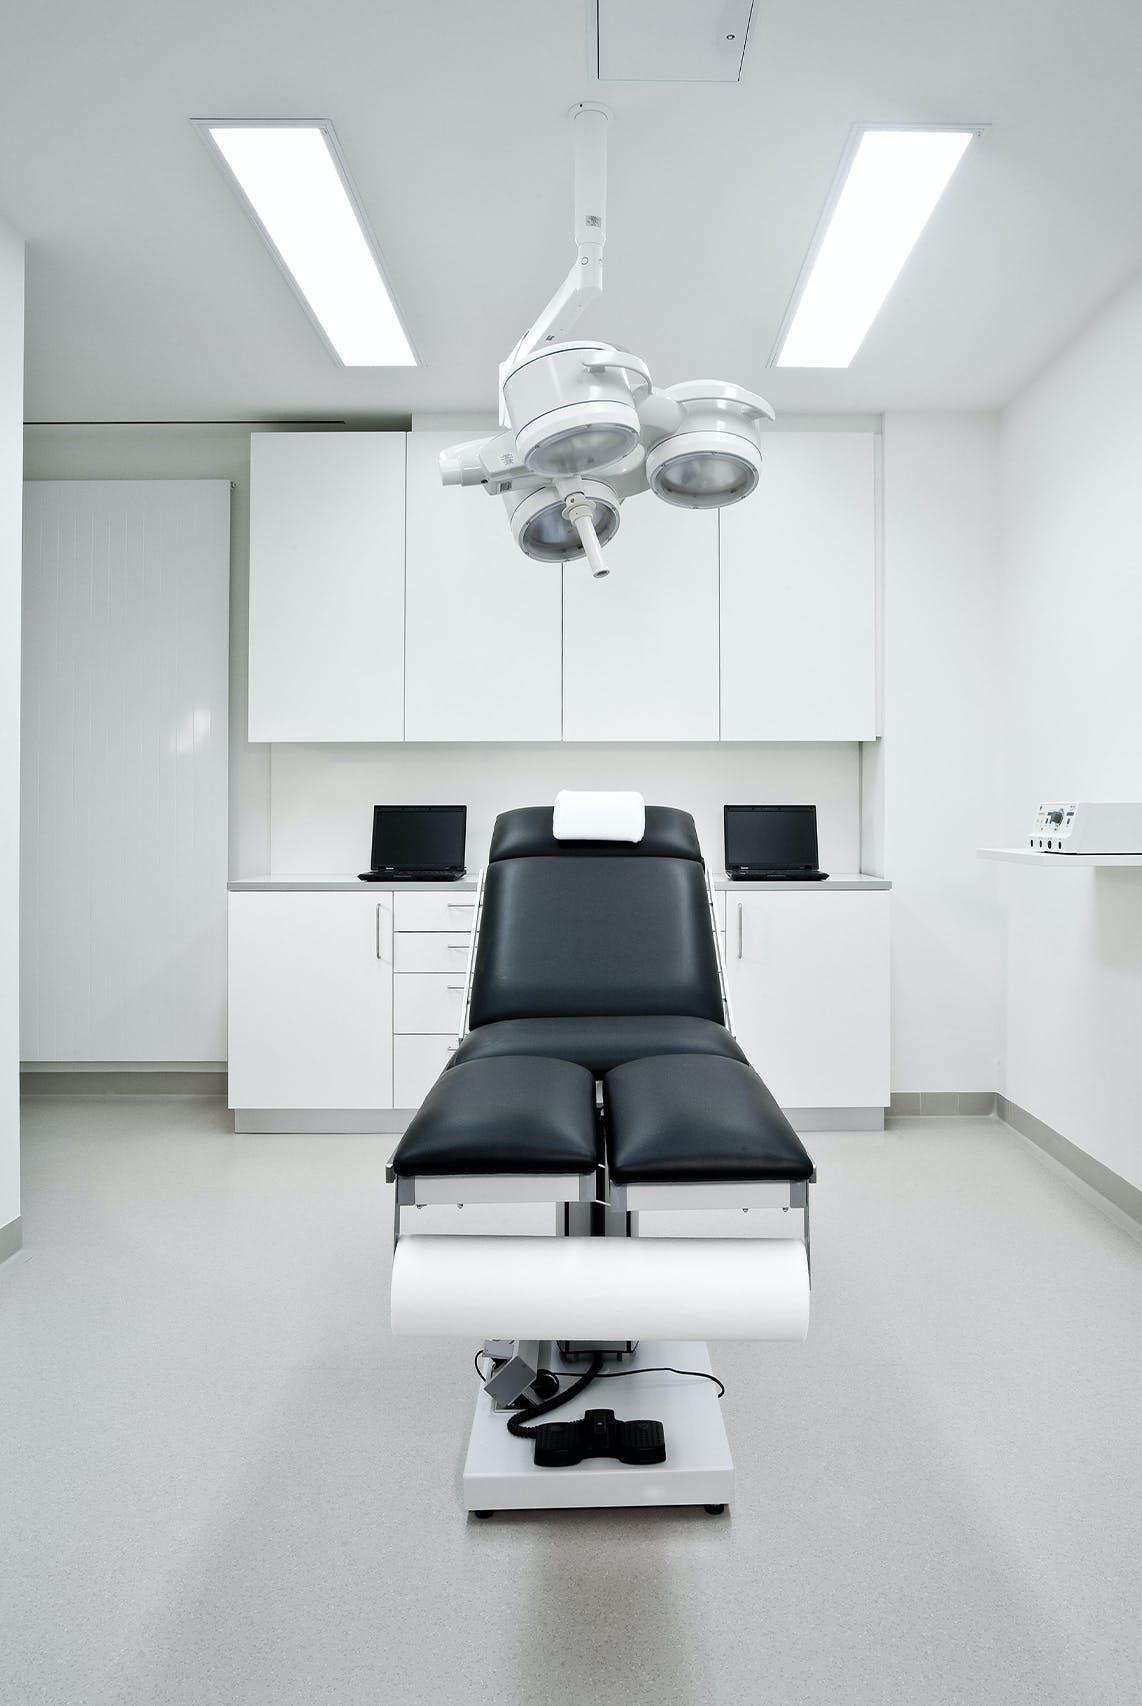 Praxiseinrichtung für Privatpraxis für HNO-Heilkunde, plastische Operationen und spezieller HNO-Chirurgie